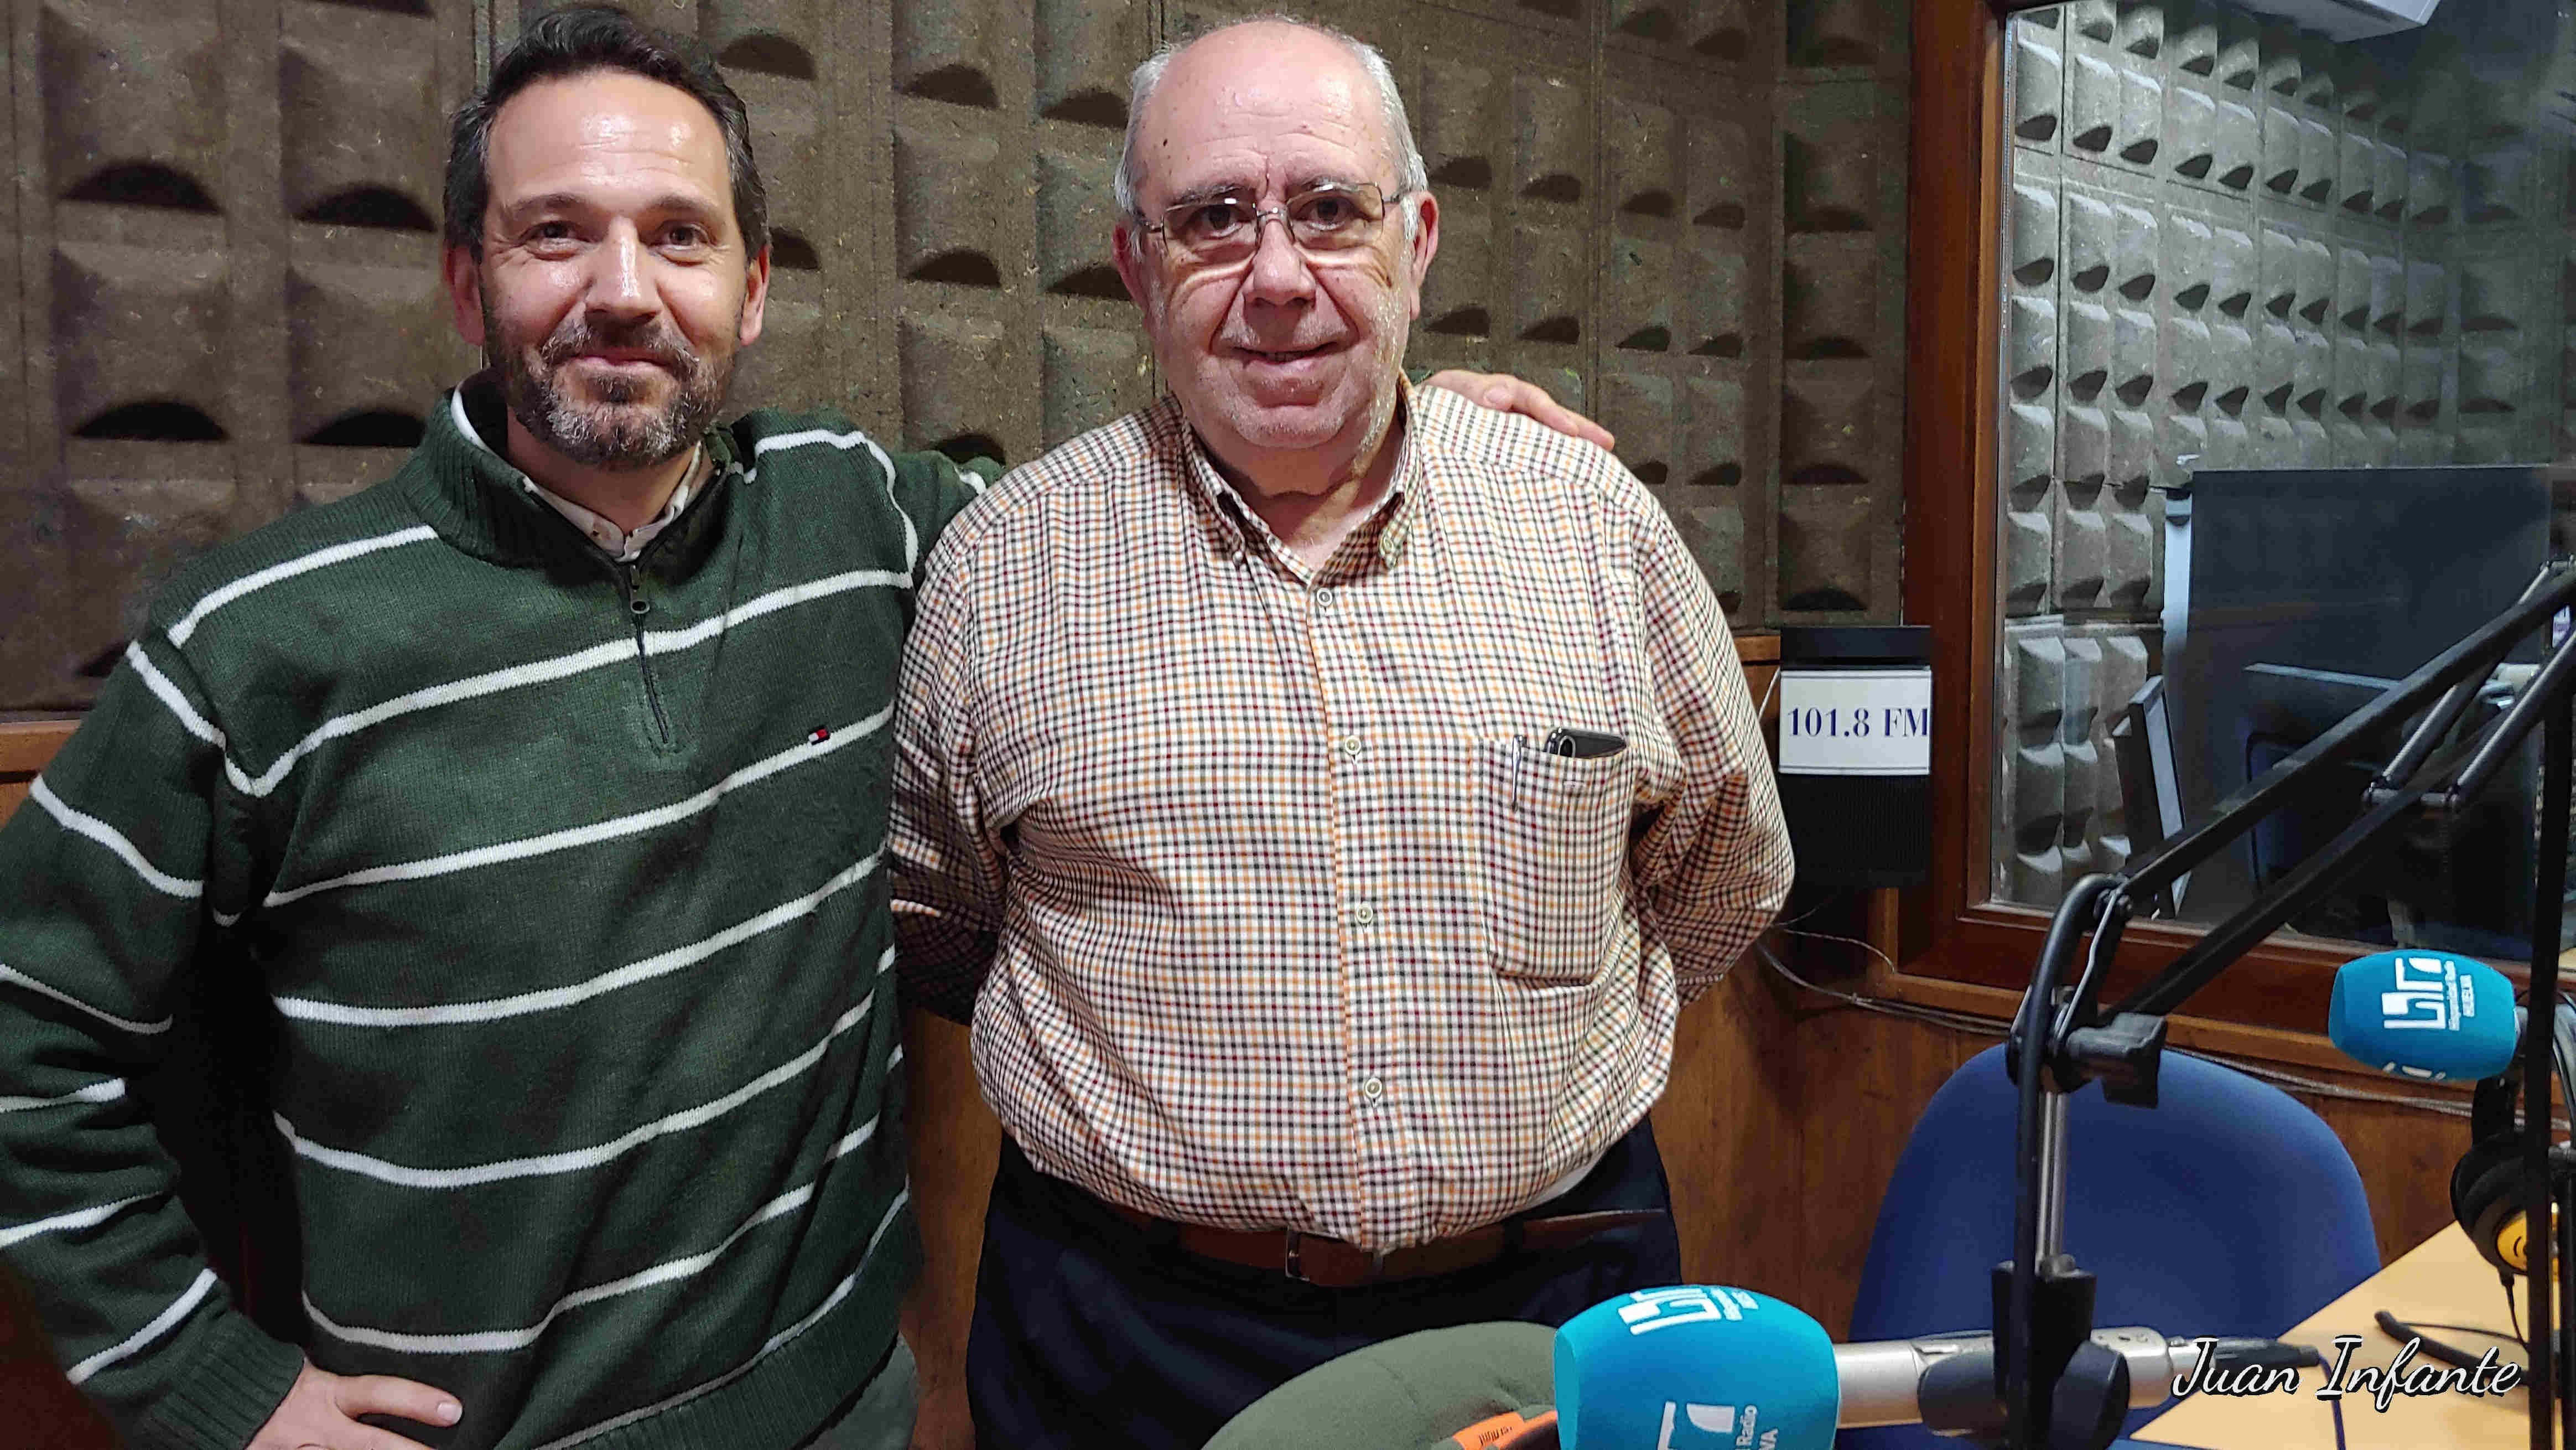 El Barcón de Huelva 30-01-2019 Ascensores Barriada Hispanidad